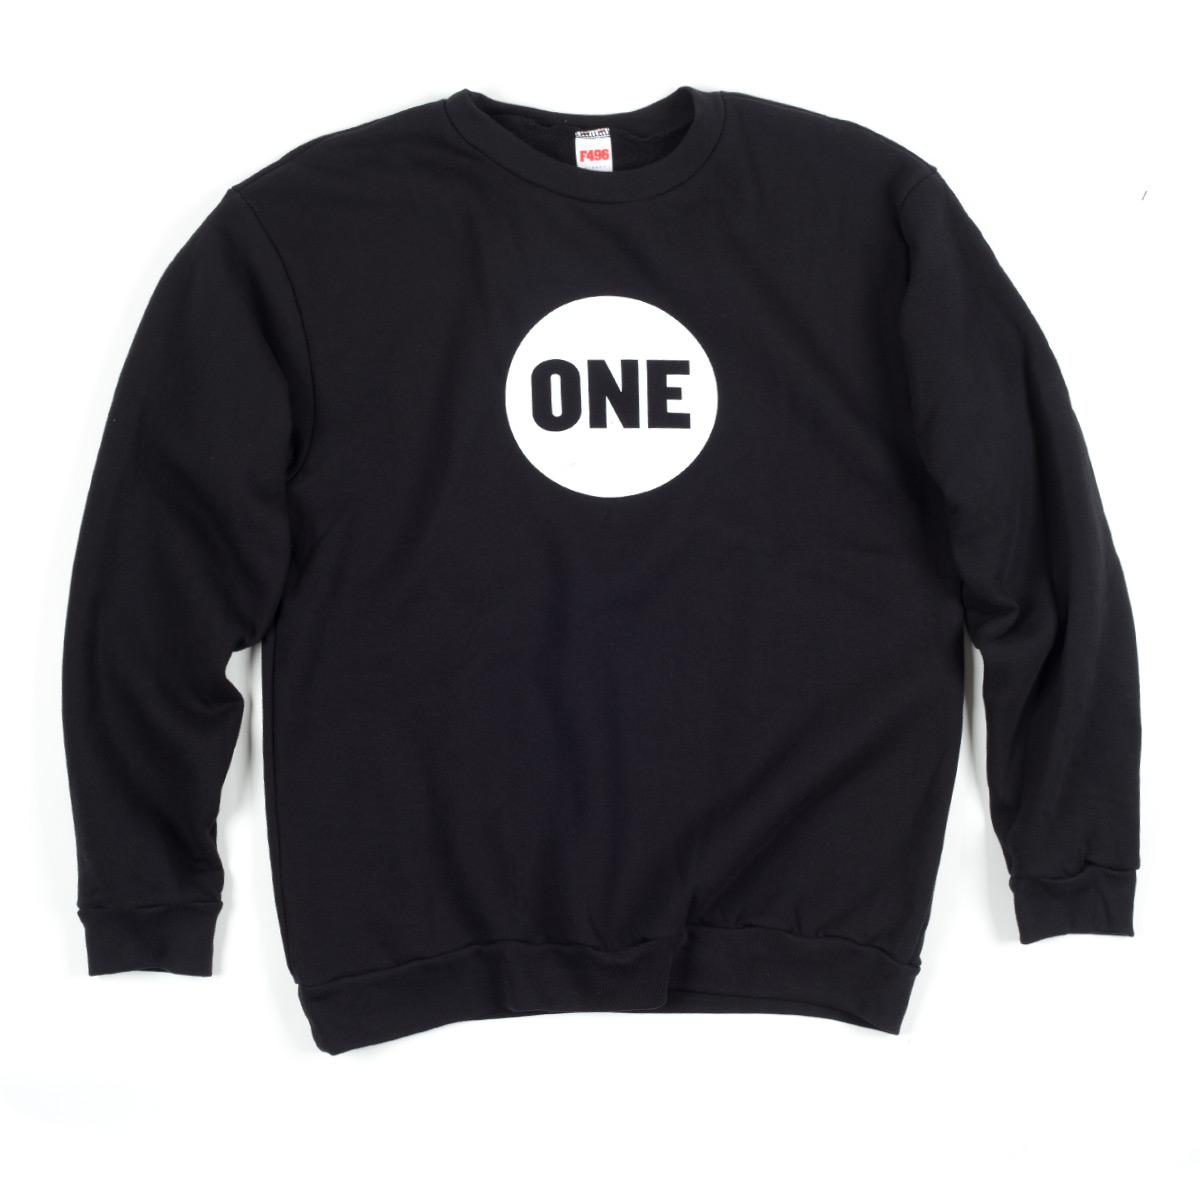 ONE Crewneck Sweatshirt